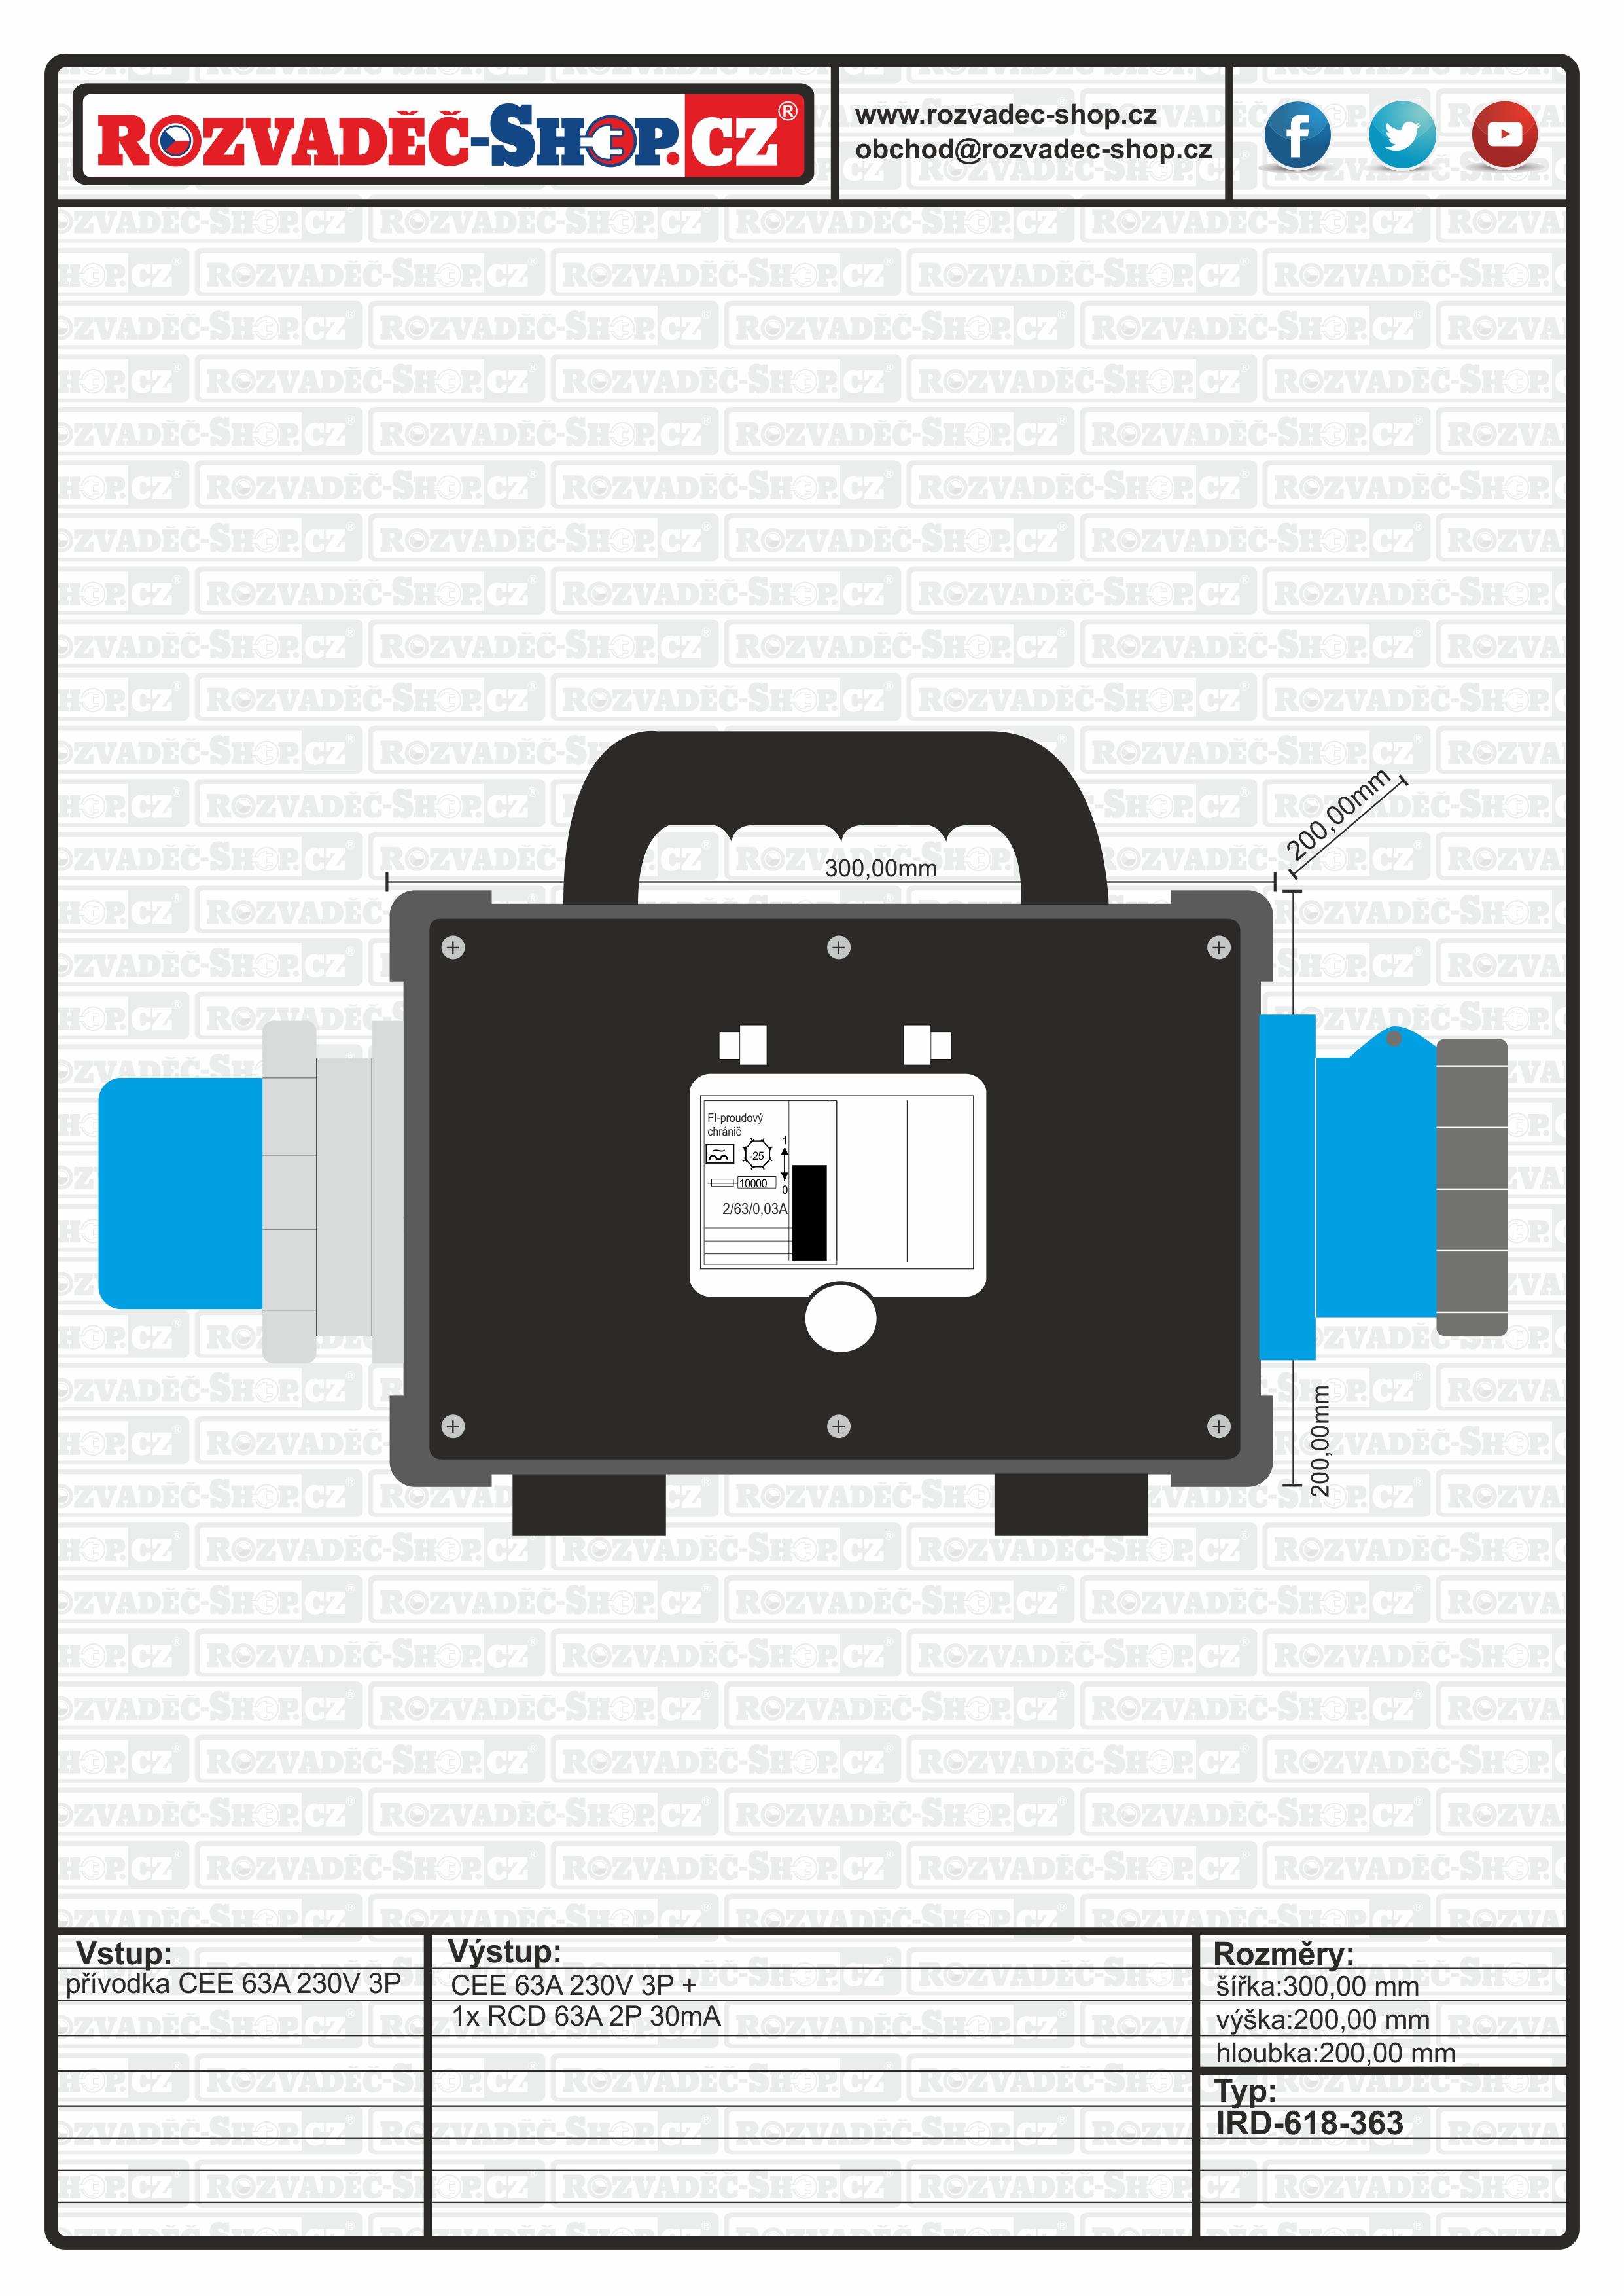 IRD-618-363-FIN